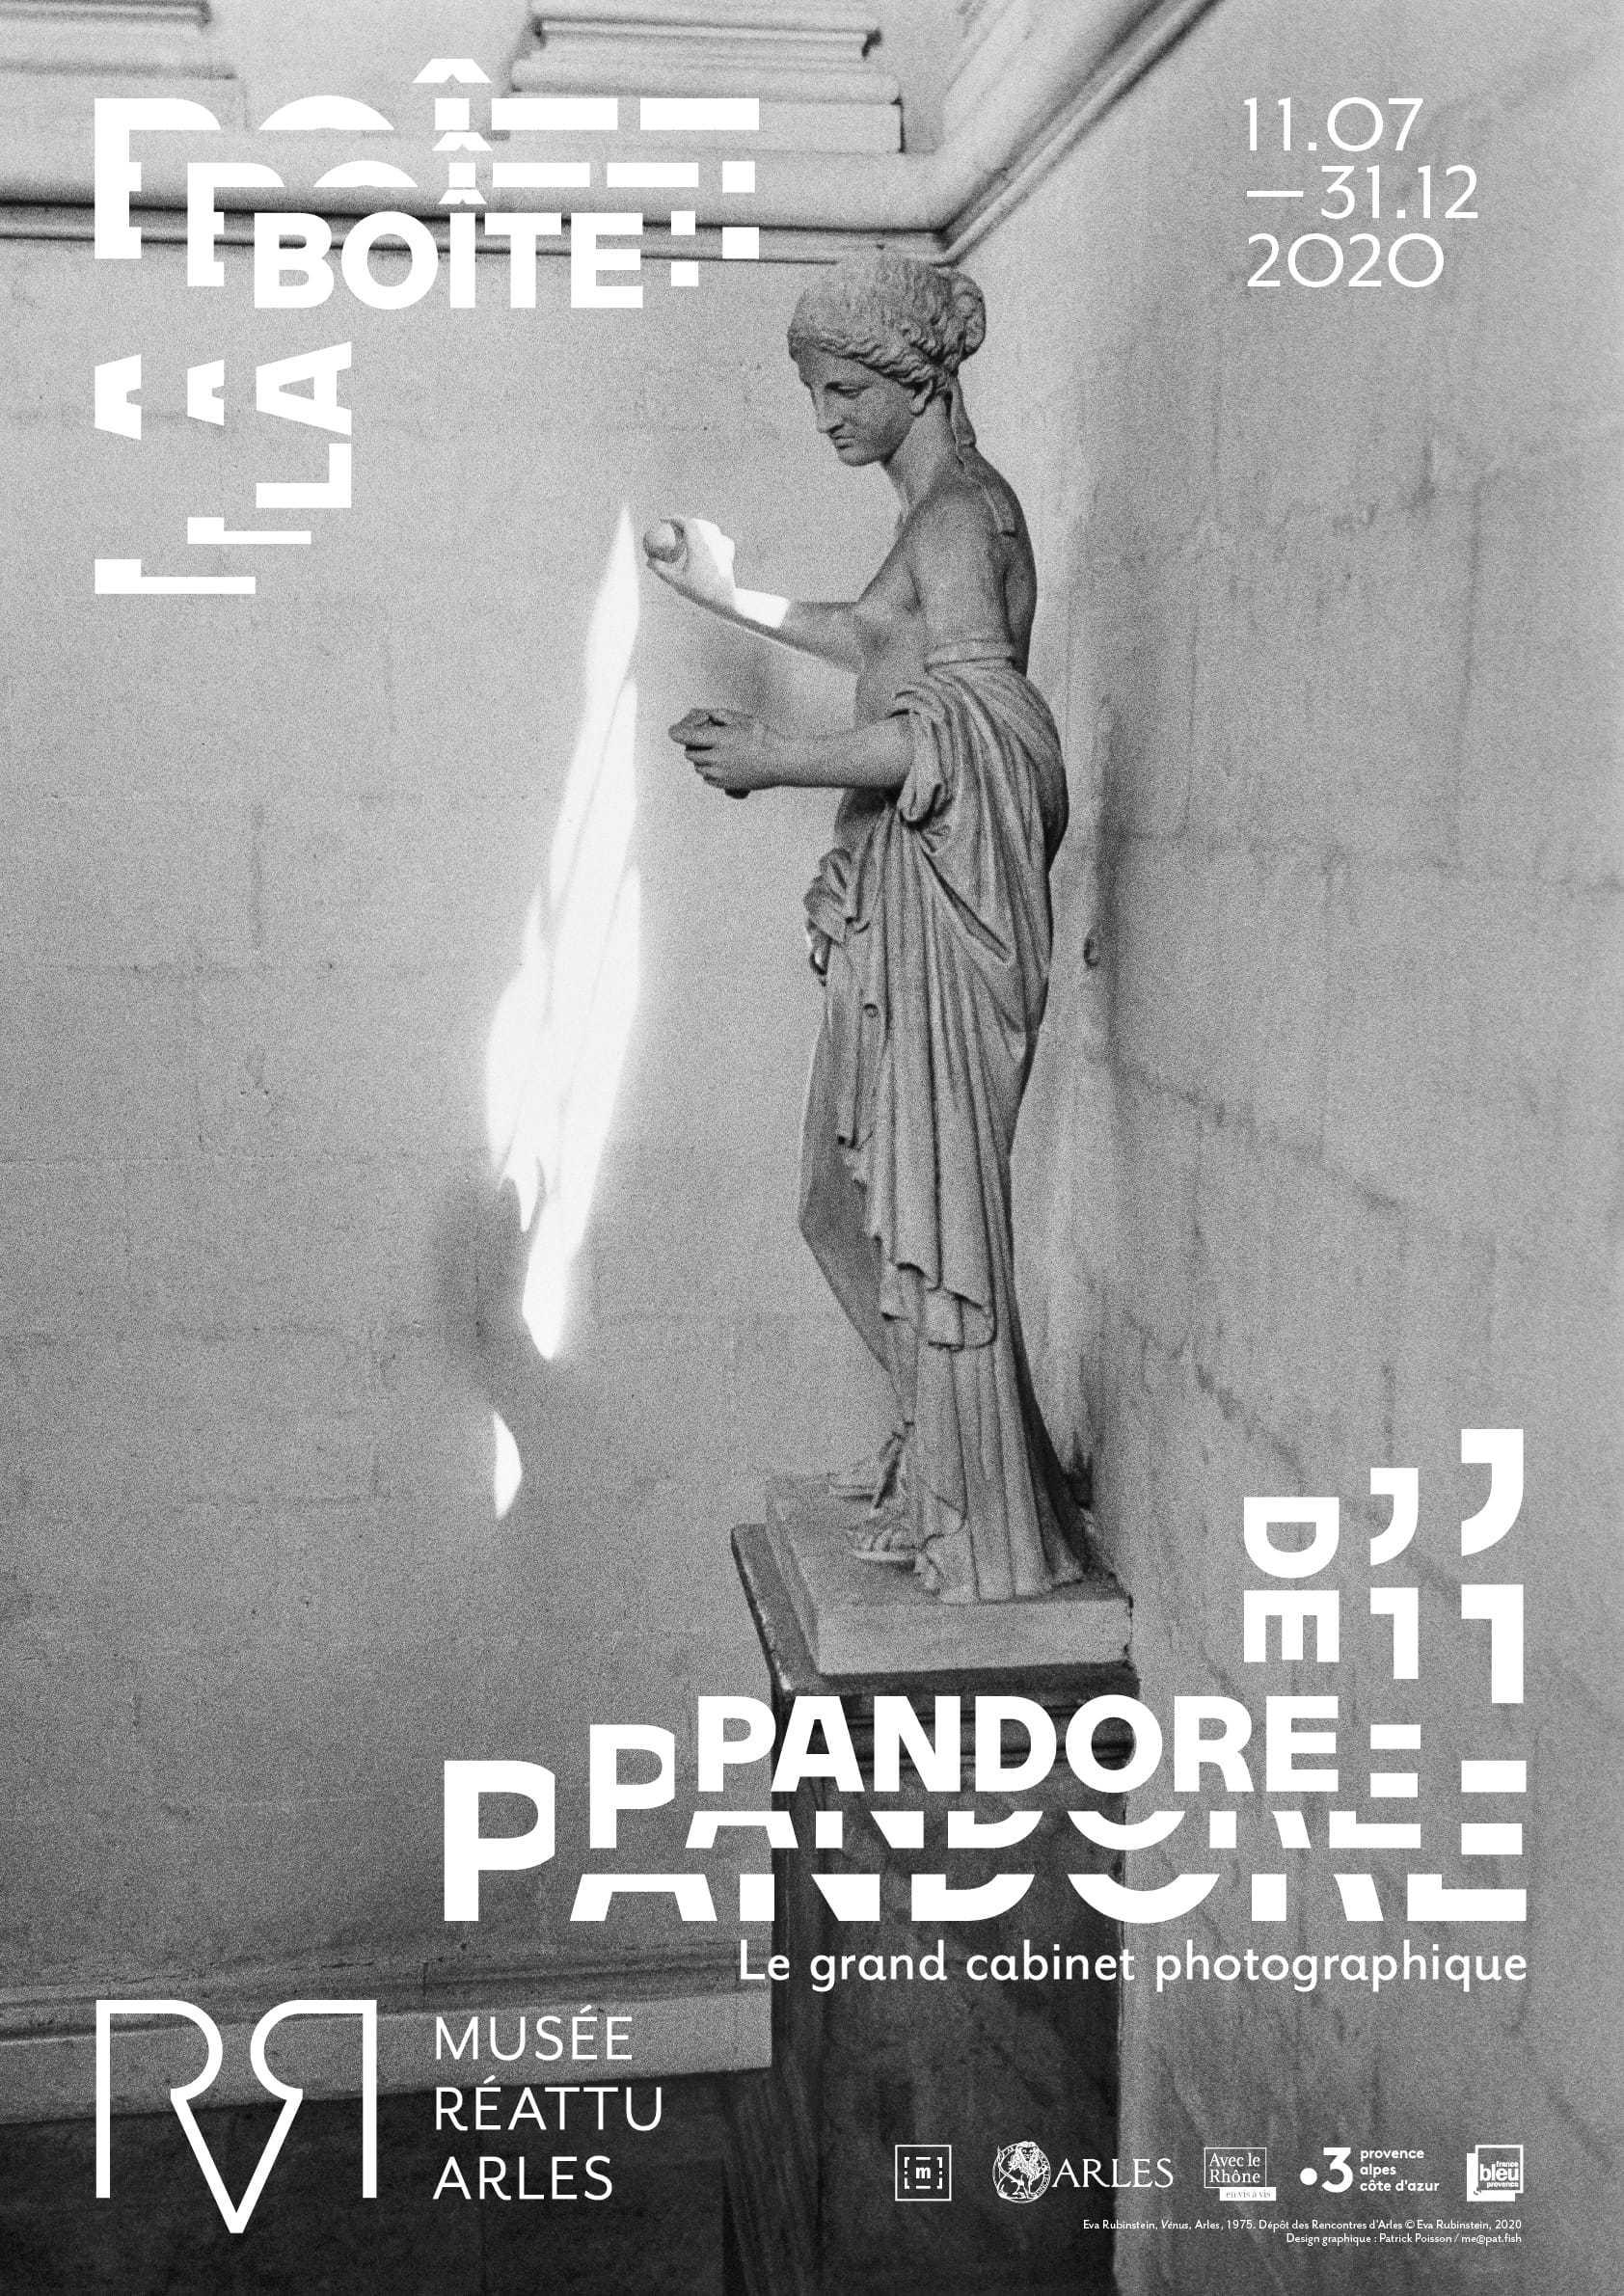 A partir du 11 juillet, un grand cabinet entièrement consacré à la photographie vient s'ajouter à l'exposition la Boîte de Pandore.